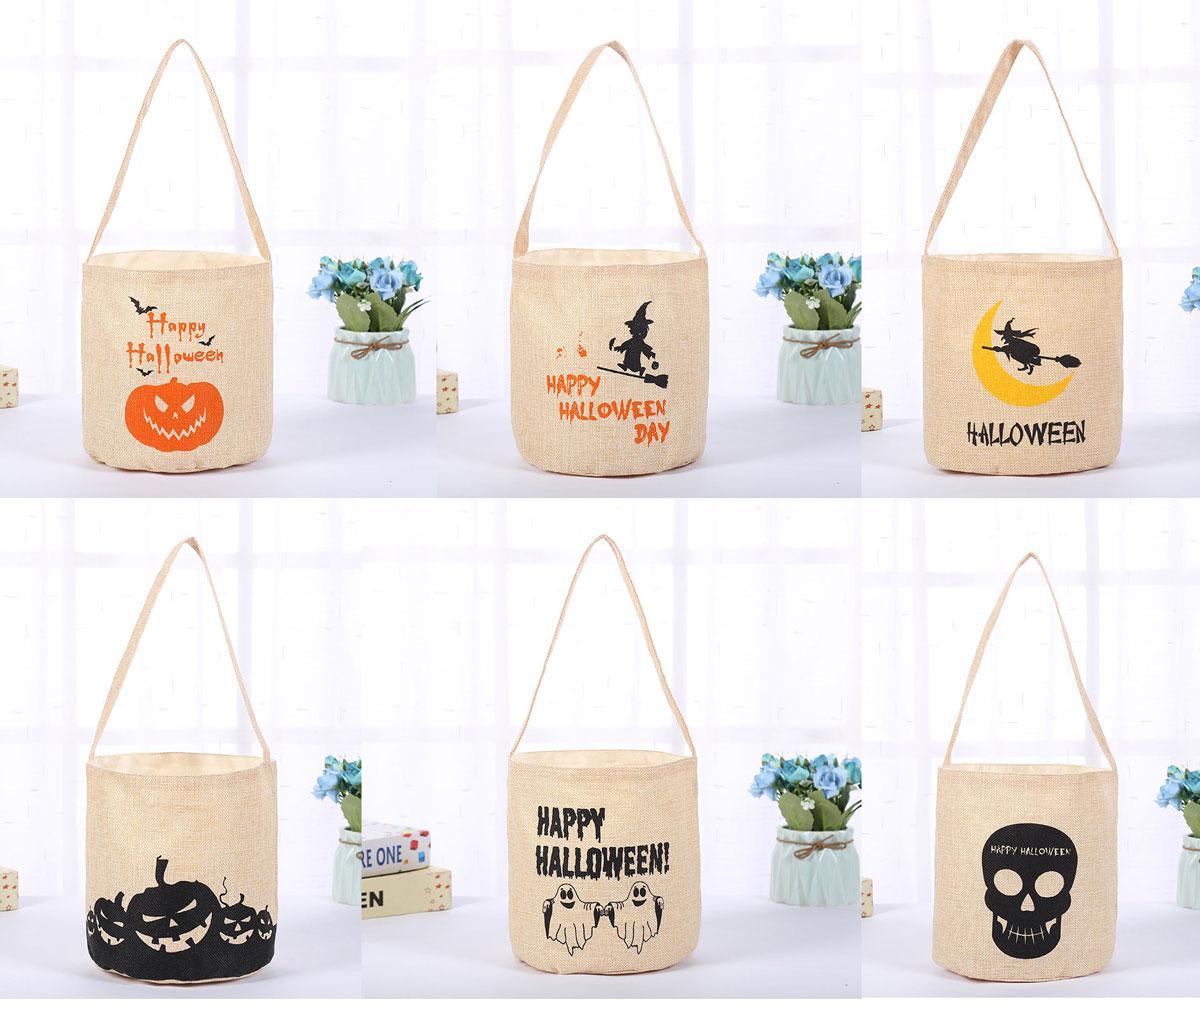 Lumineux Halloween Sacs Candy Sacs Fournitures de fête Sacs de godets en toile Sacs fourre-tout Sacs fourre-tout pour tromper ou traiter, sac d'épicerie réutilisable